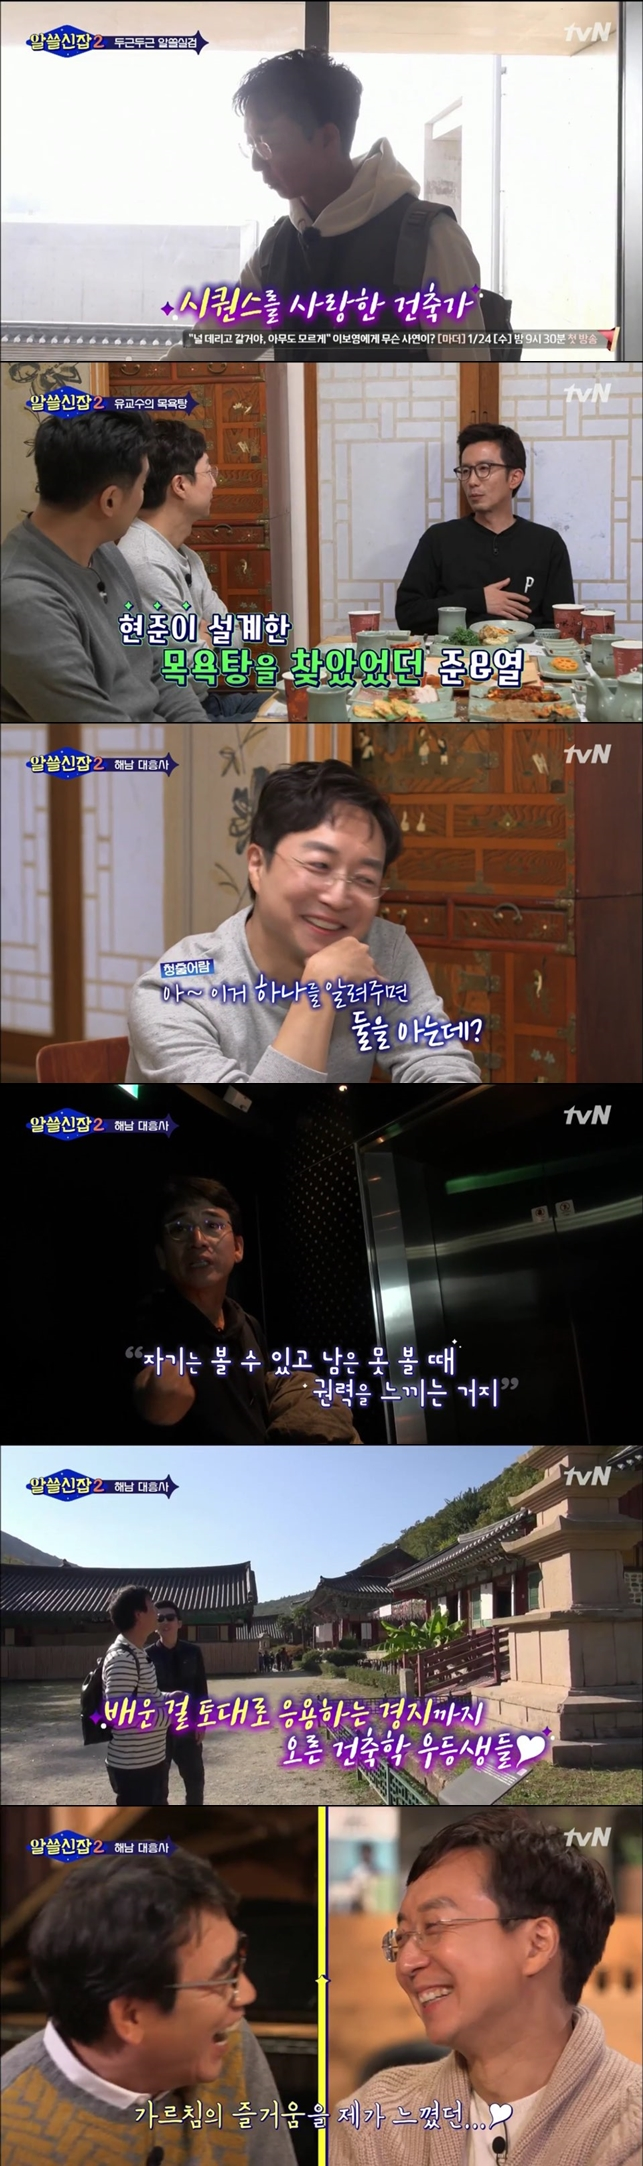 [어제TV]'알쓸신잡2' 더 풍성케한 건축가 유현준, 그레잇